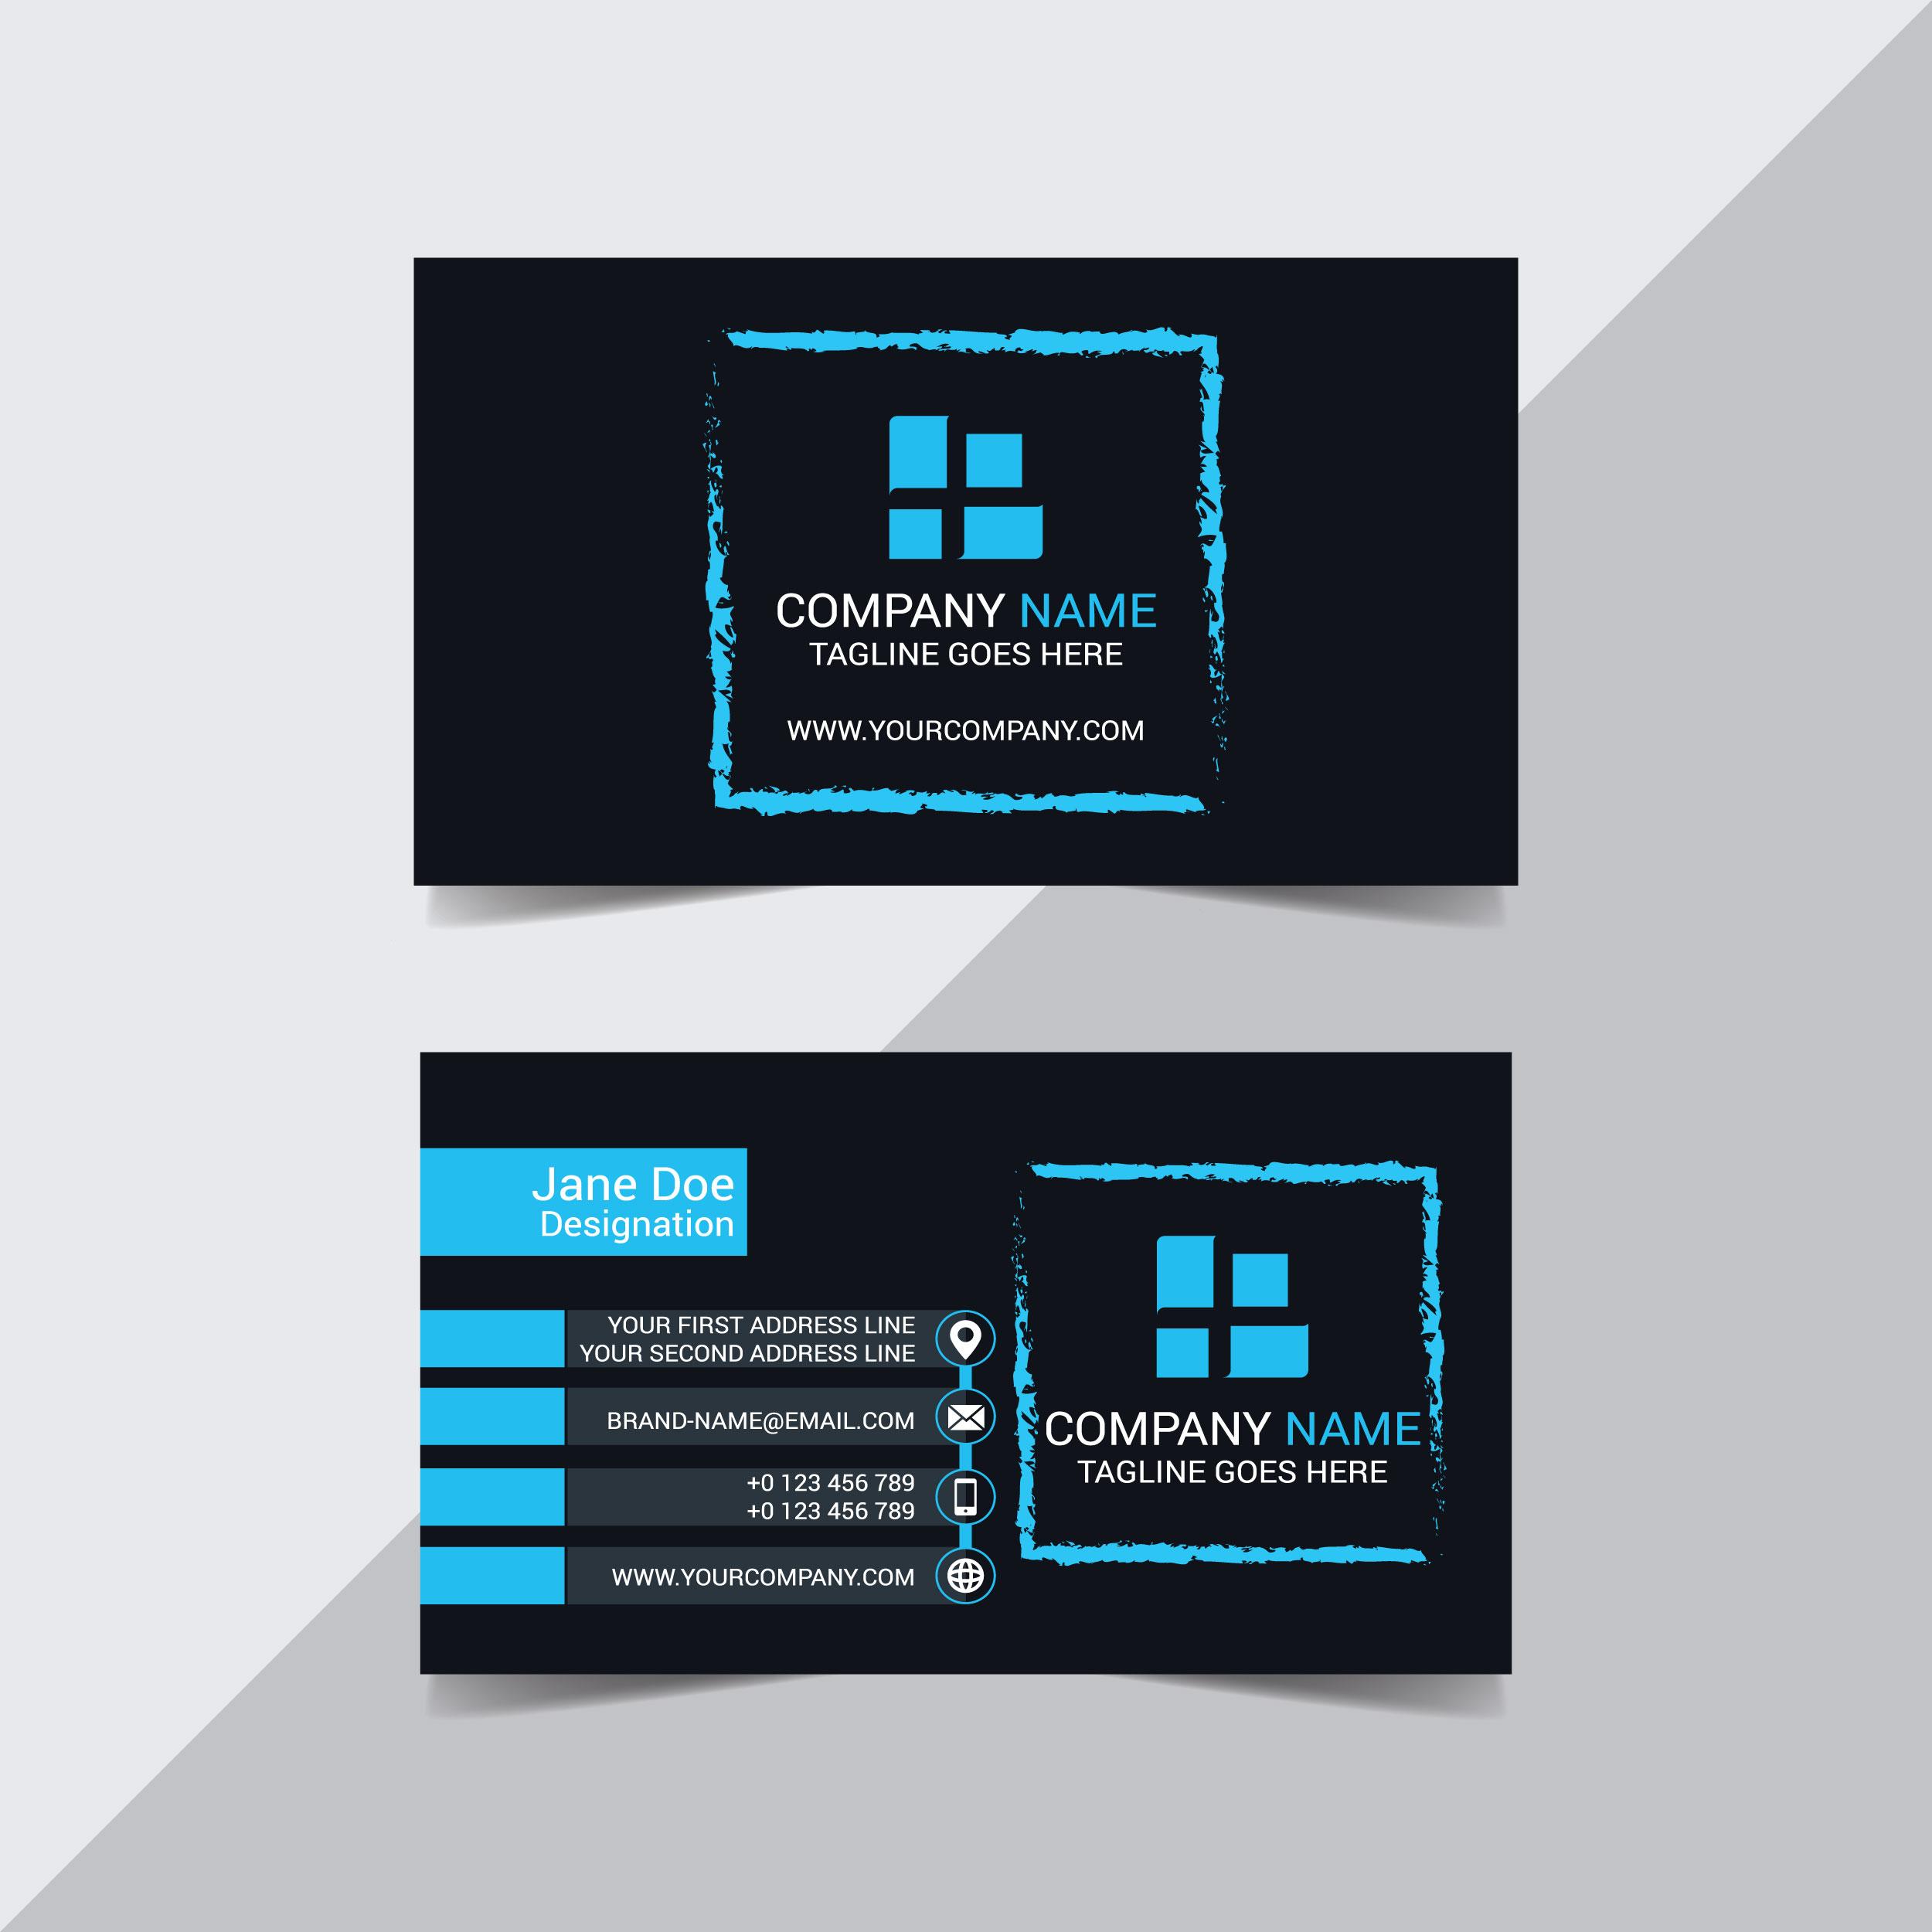 blauer Pinselstrich auf schwarzer Visitenkarte